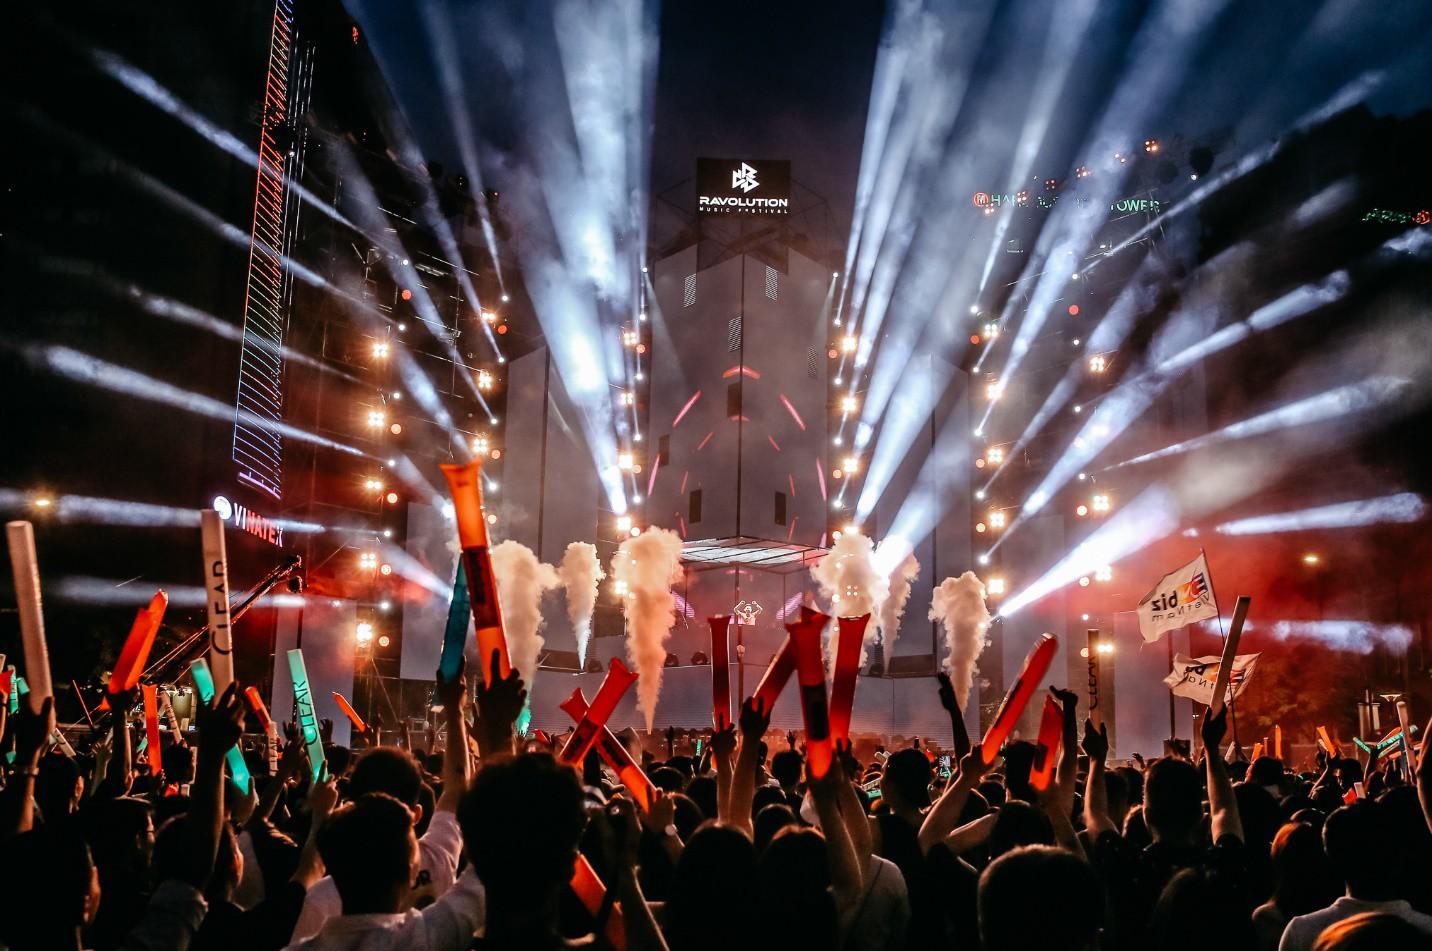 Cùng cạ cứng quẩy tung hè sôi động tại lễ hội Yamaha Revolution Music Festival - Ảnh 1.